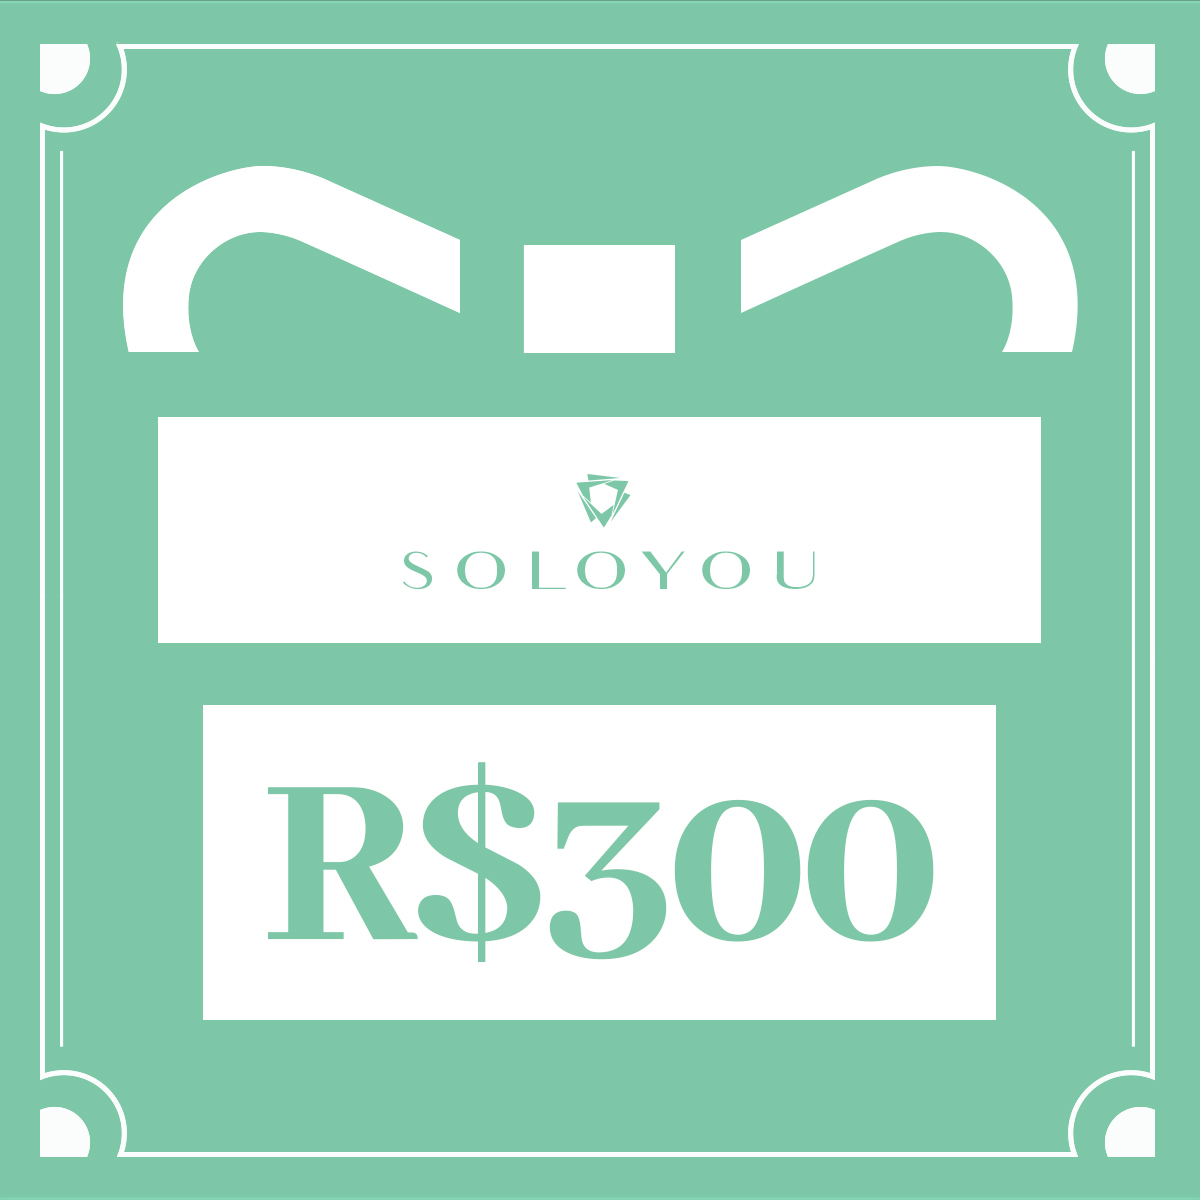 Cartão Presente Surpreenda com Soloyou - R$ 300  - Soloyou